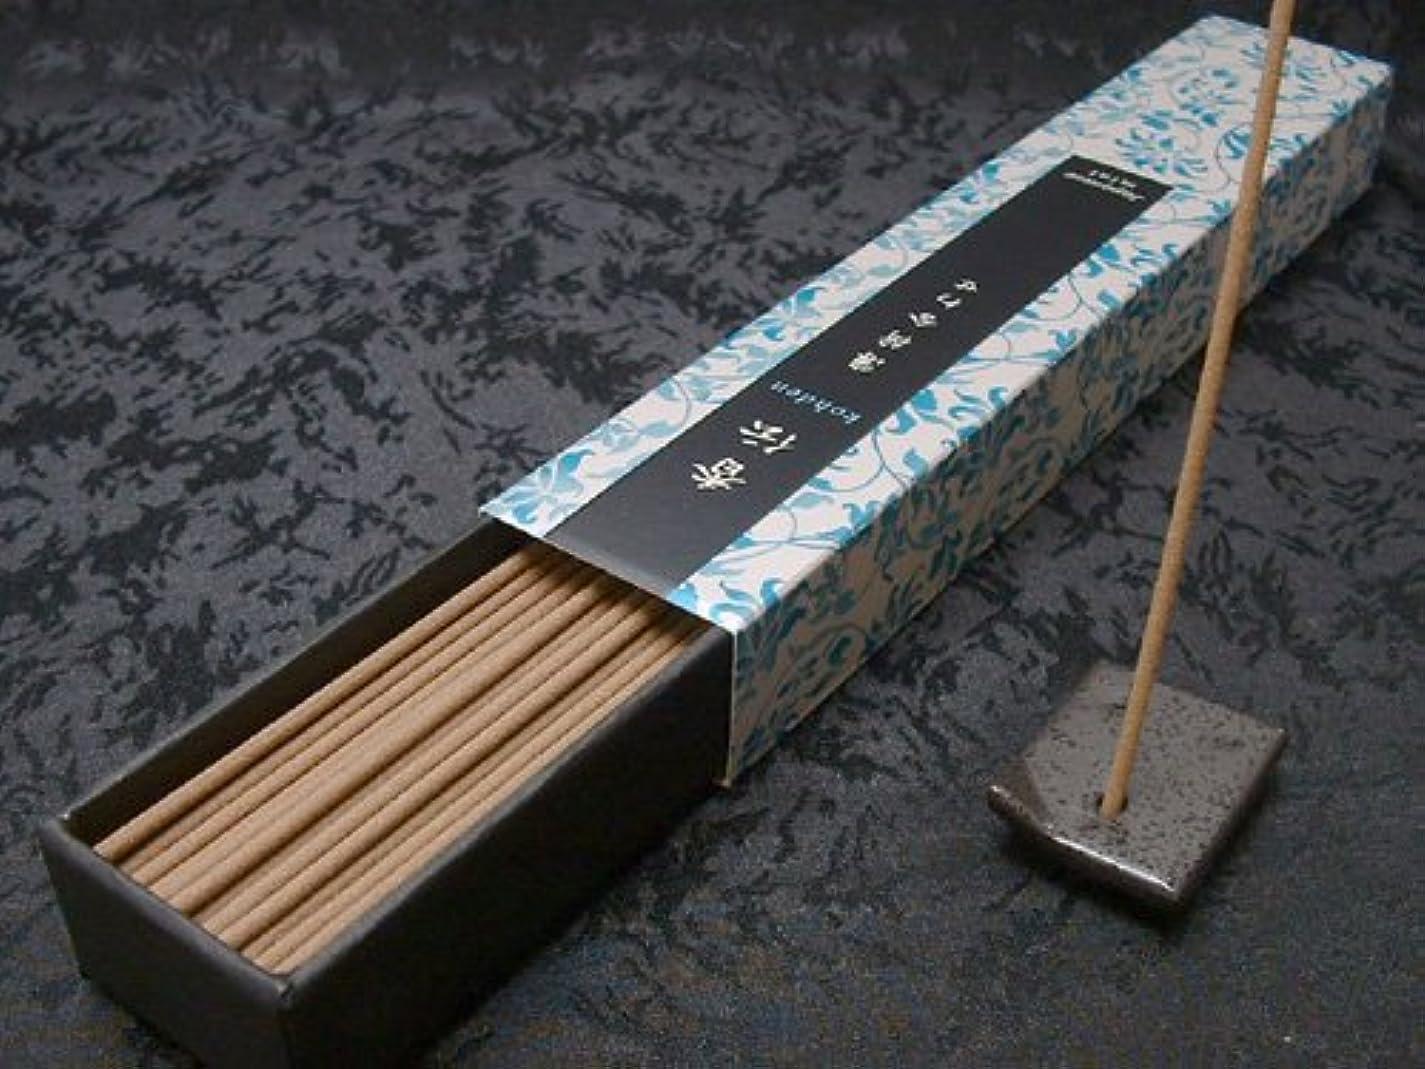 含める締めるどれか日本香堂のお香 香伝 薄荷合わせ